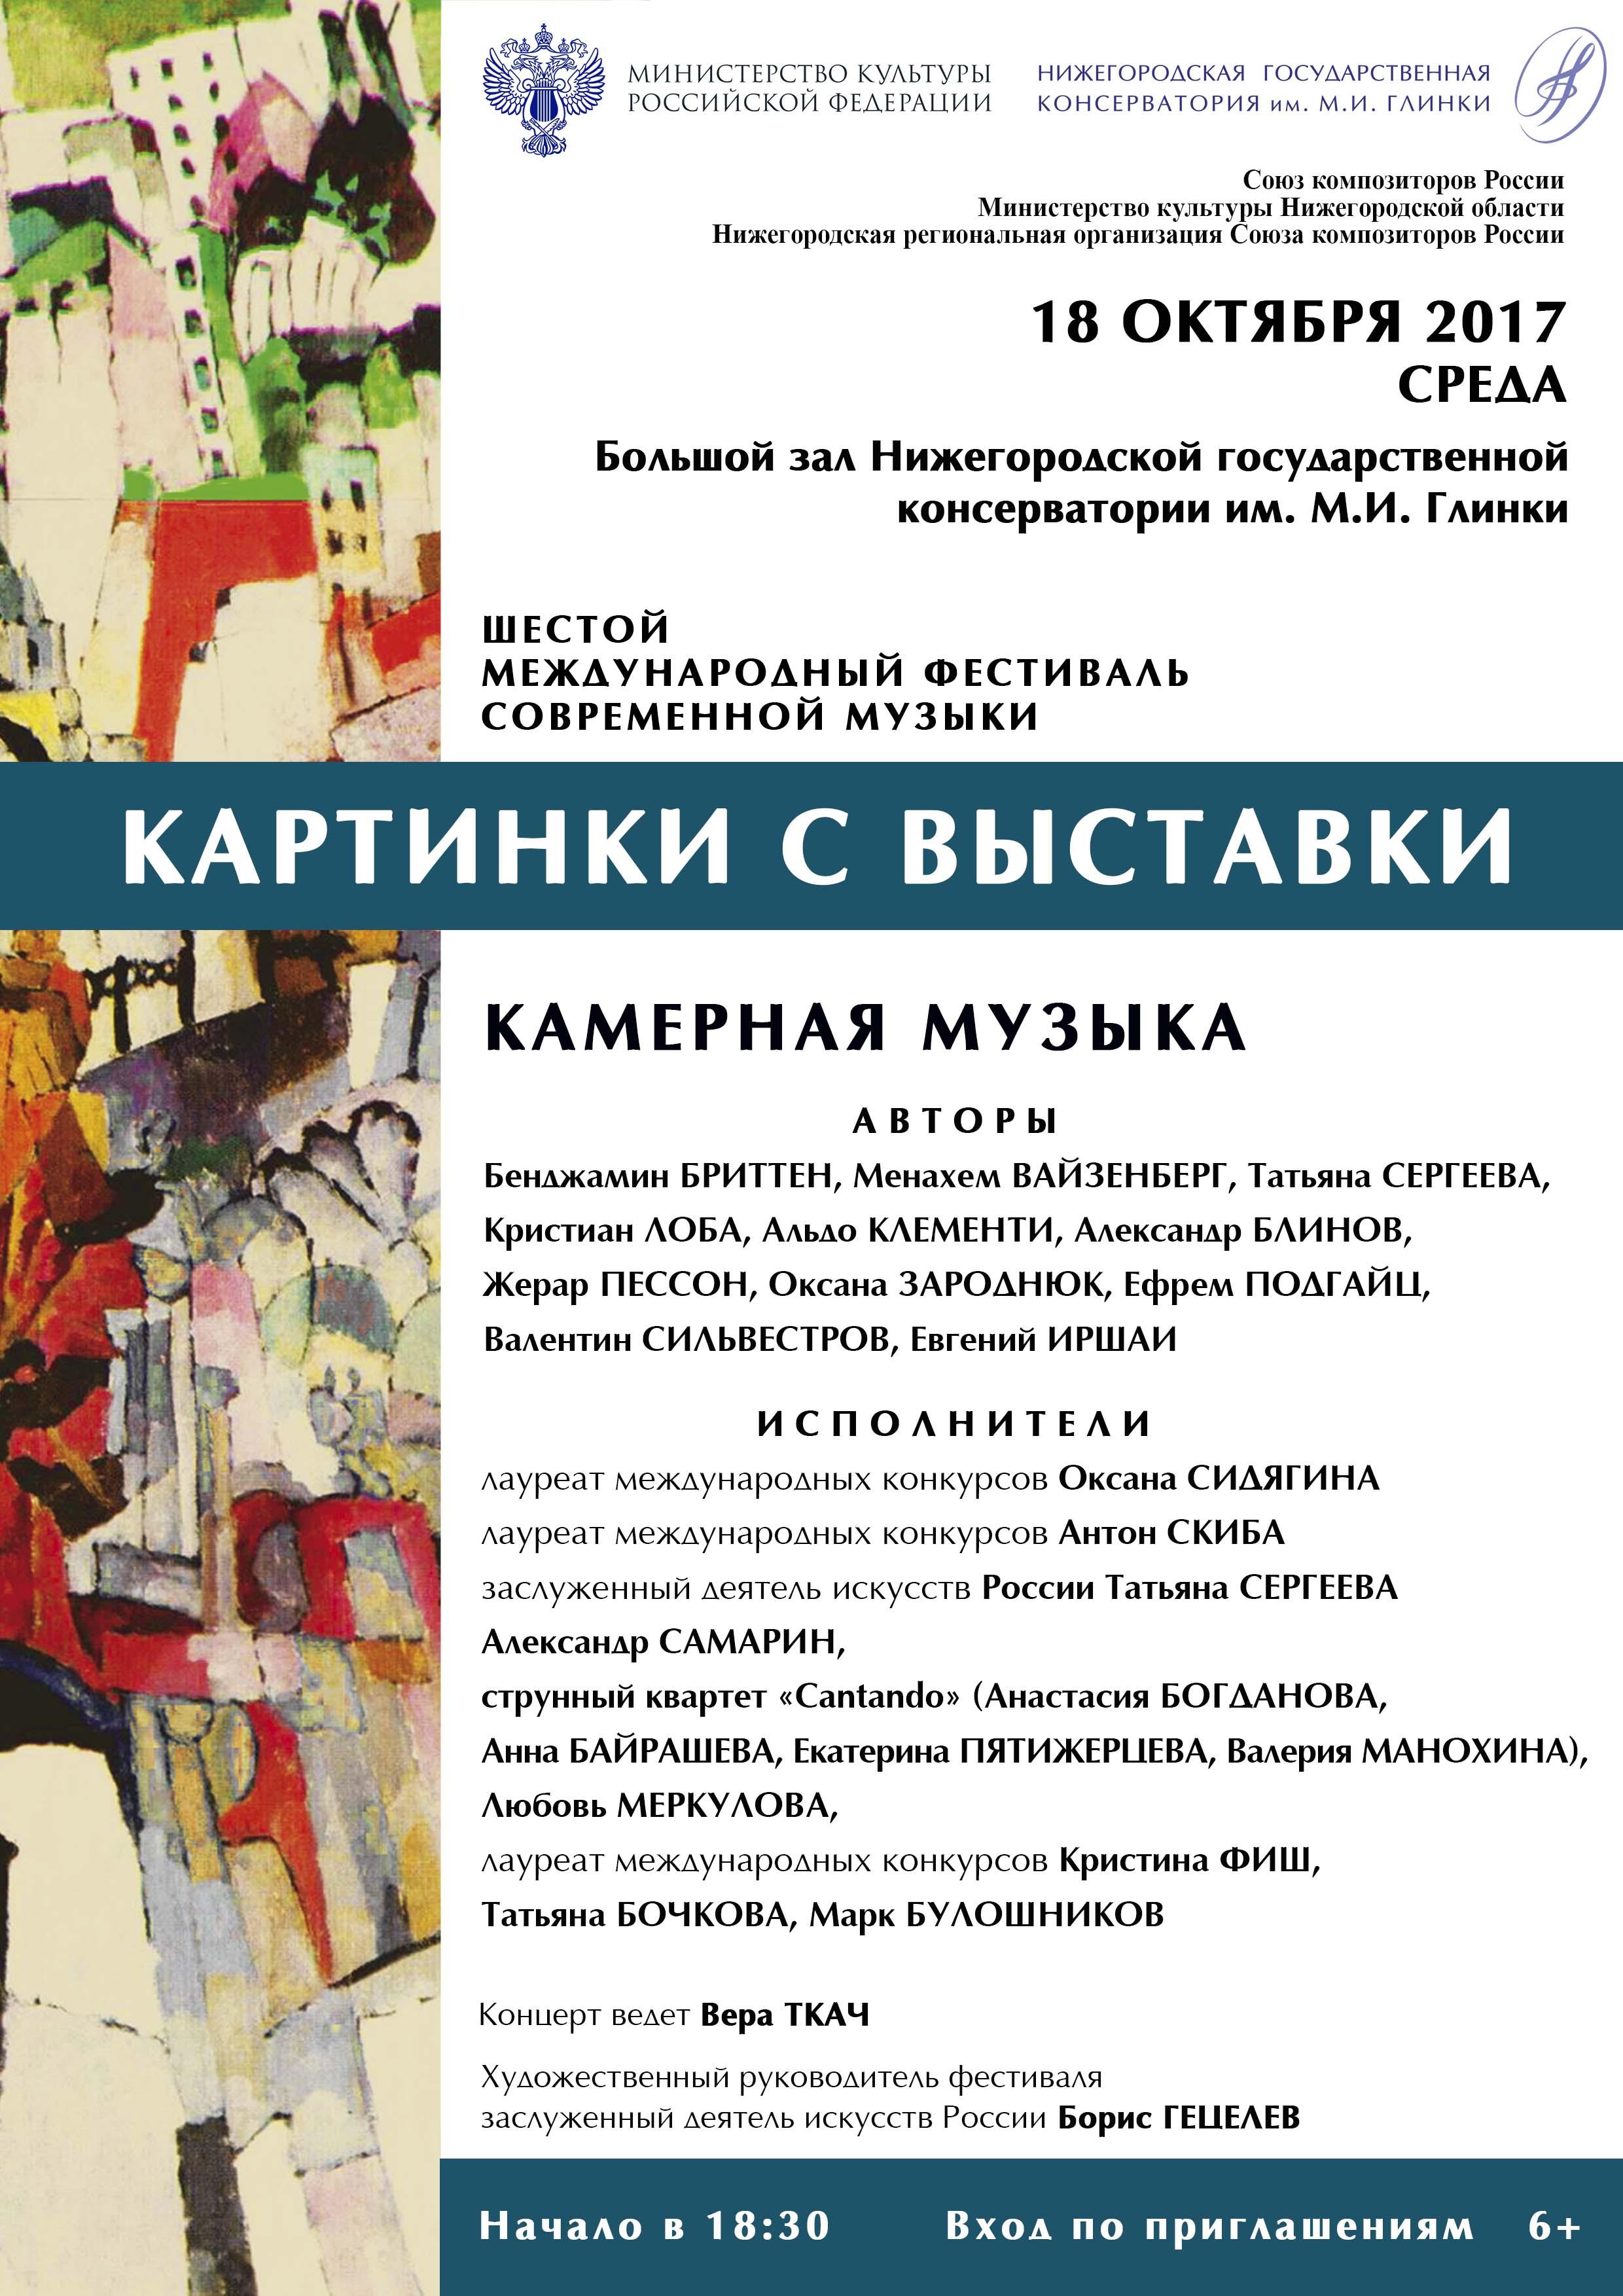 """Концерт камерной музыки в рамках фестиваля """"Картинки с выставки"""""""